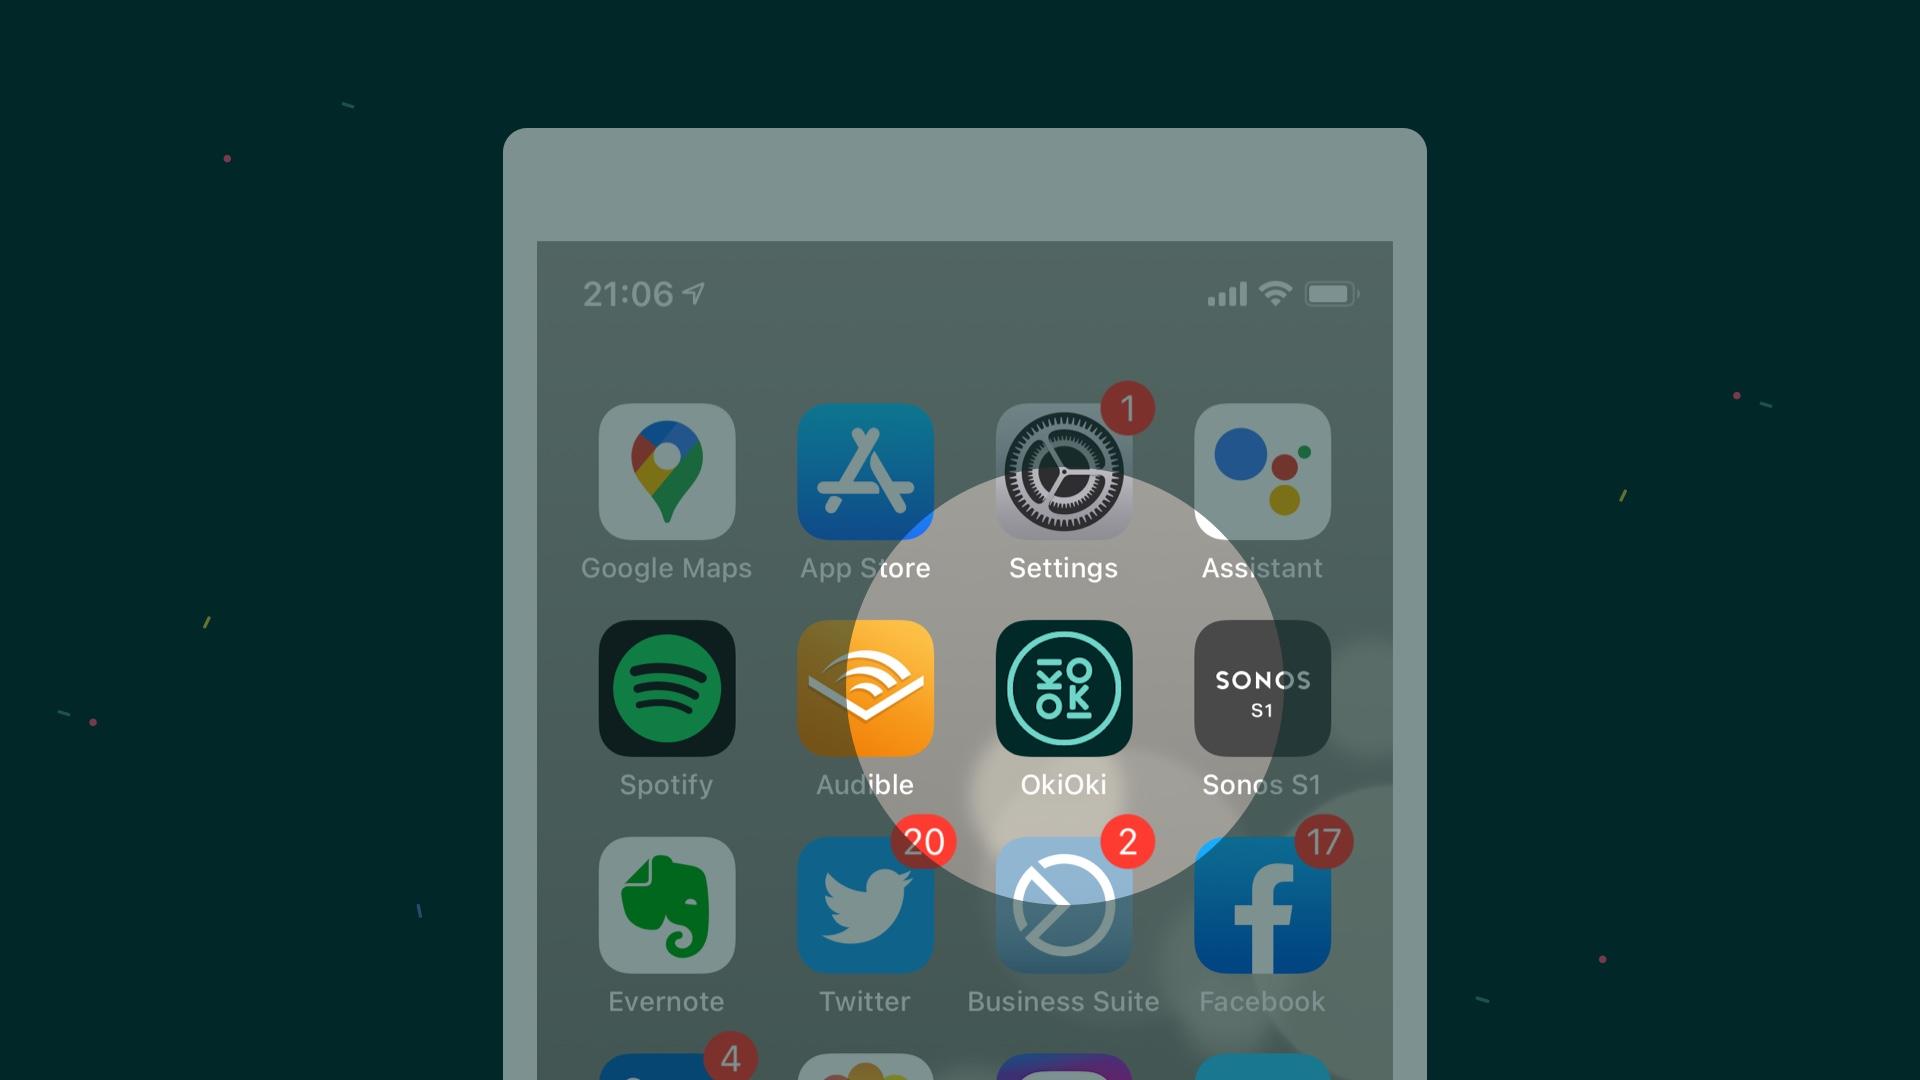 Hoe de OkiOki app aan het startscherm van je Apple of Android toestel toevoegen